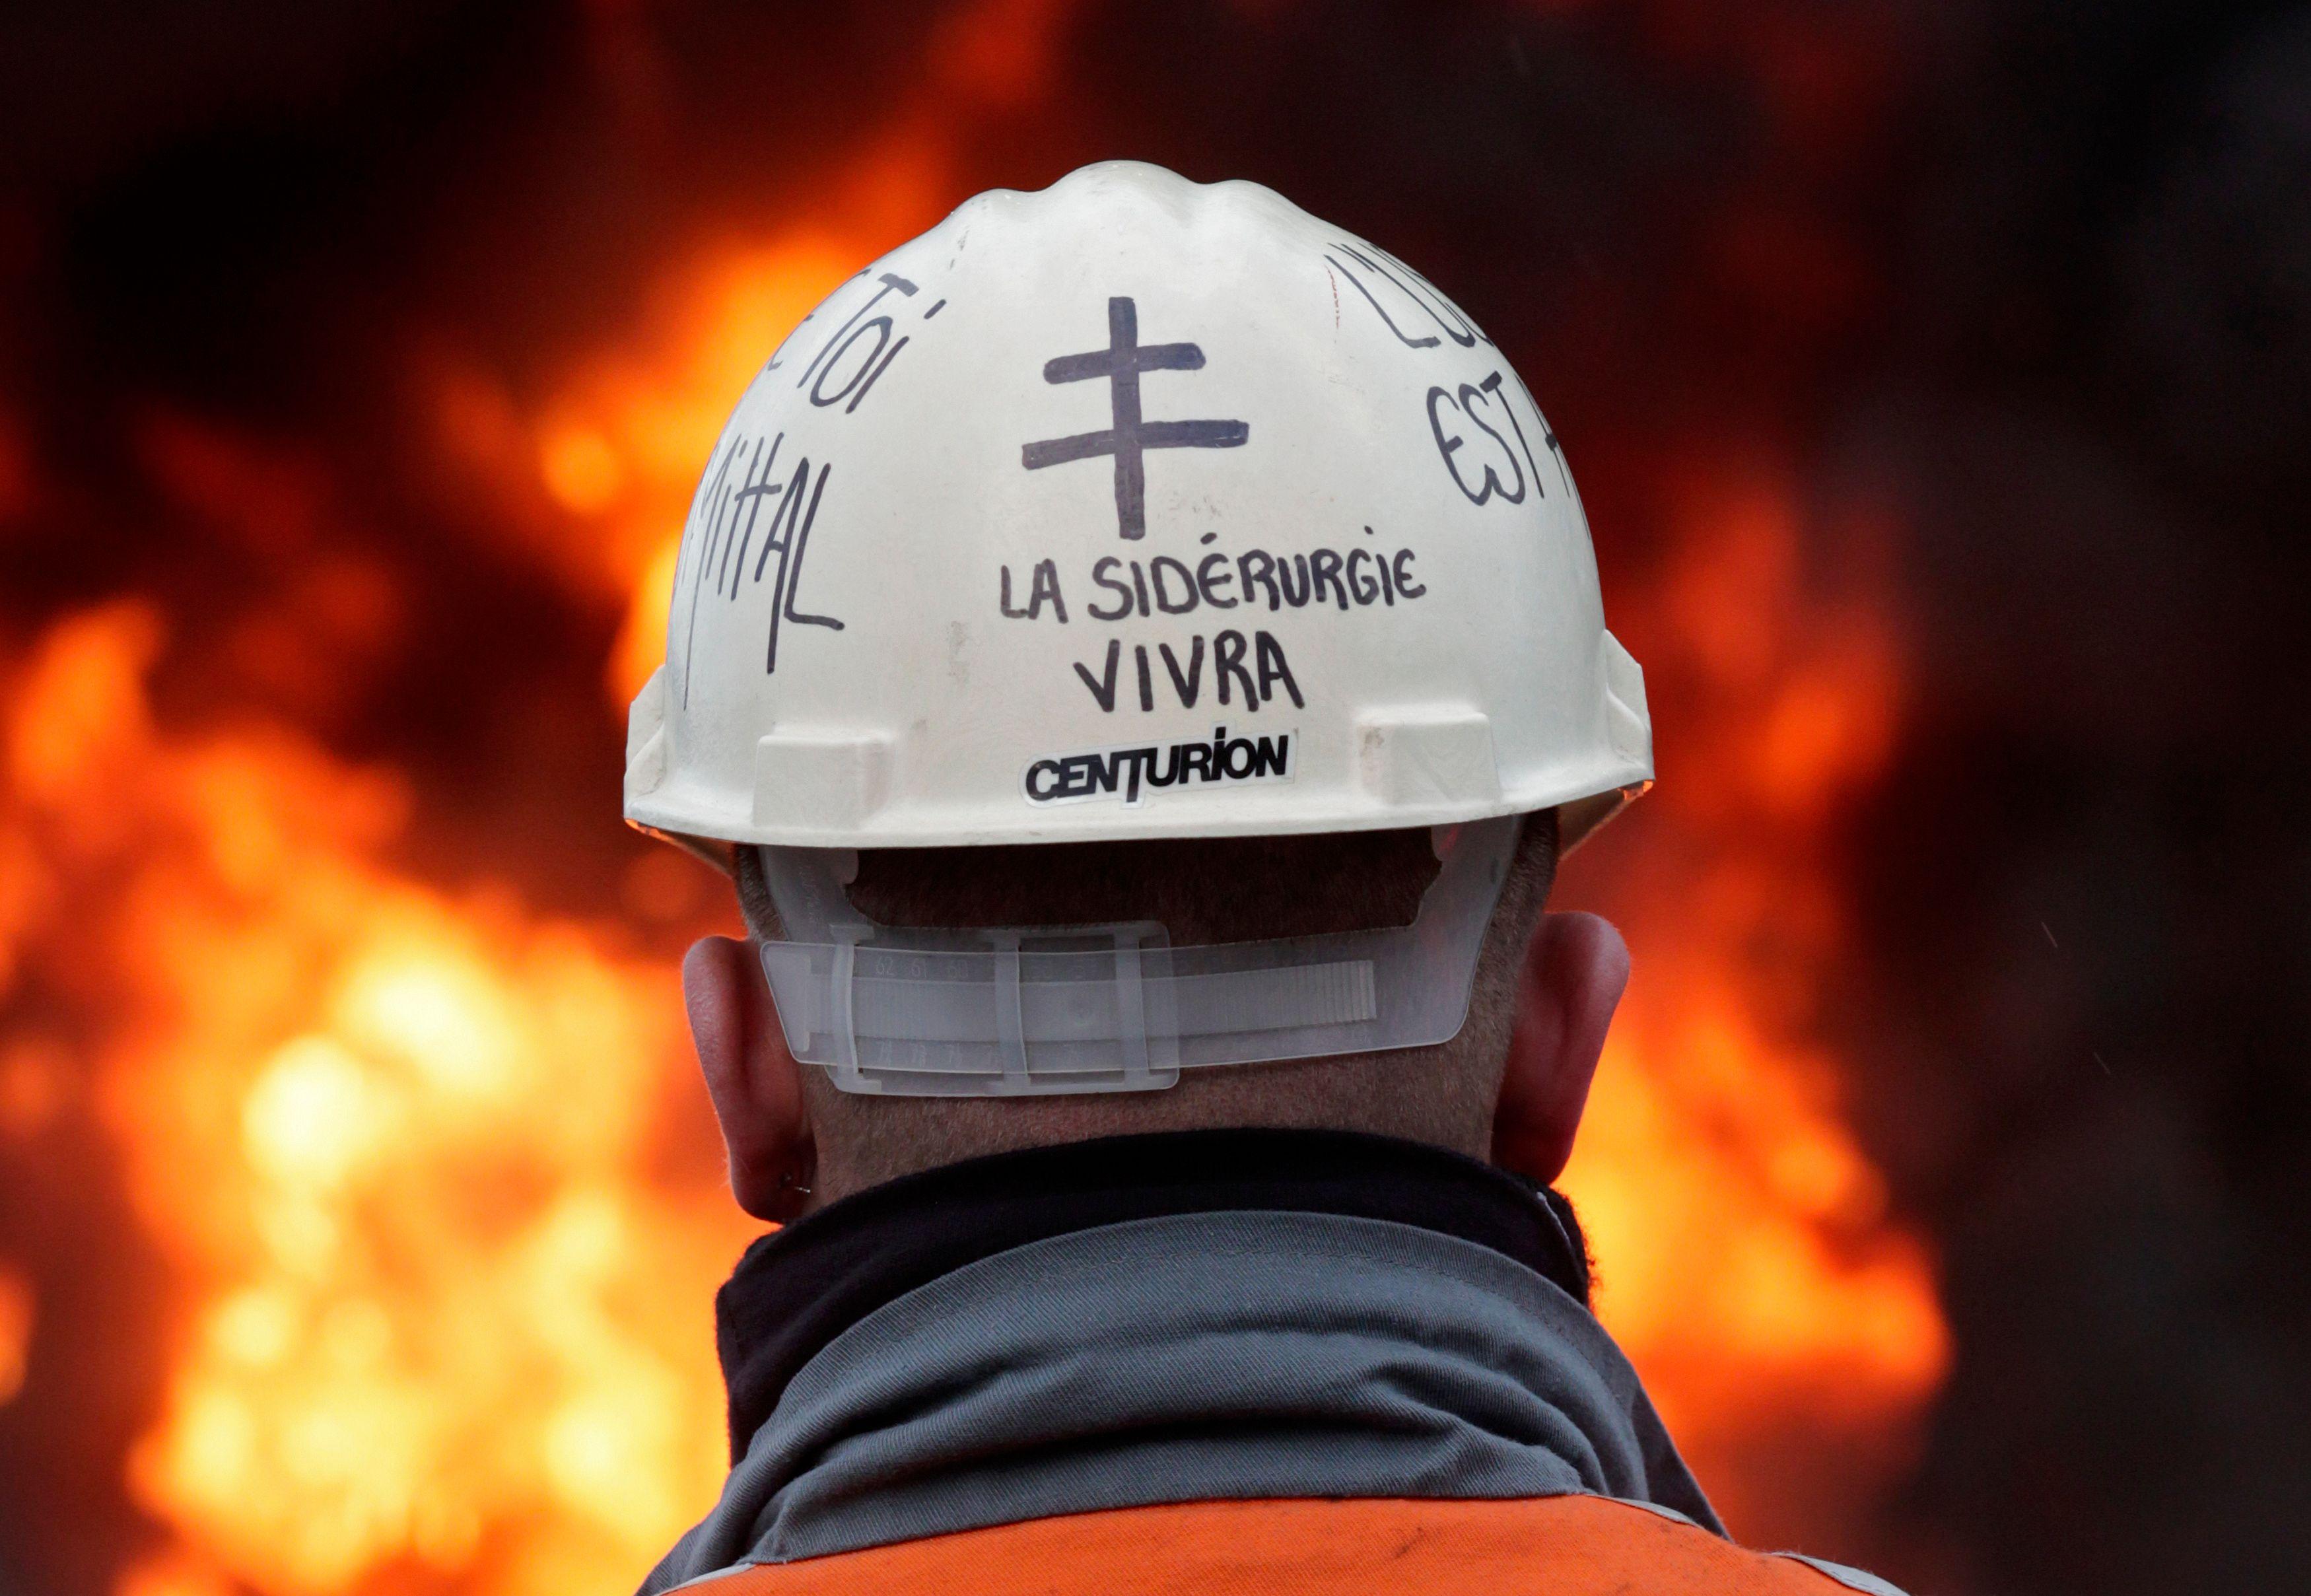 Une pétition demandant la nationalisation du site d'ArcelorMittal de Florange doit être remise à l'Elysée avant le 15 janvier.